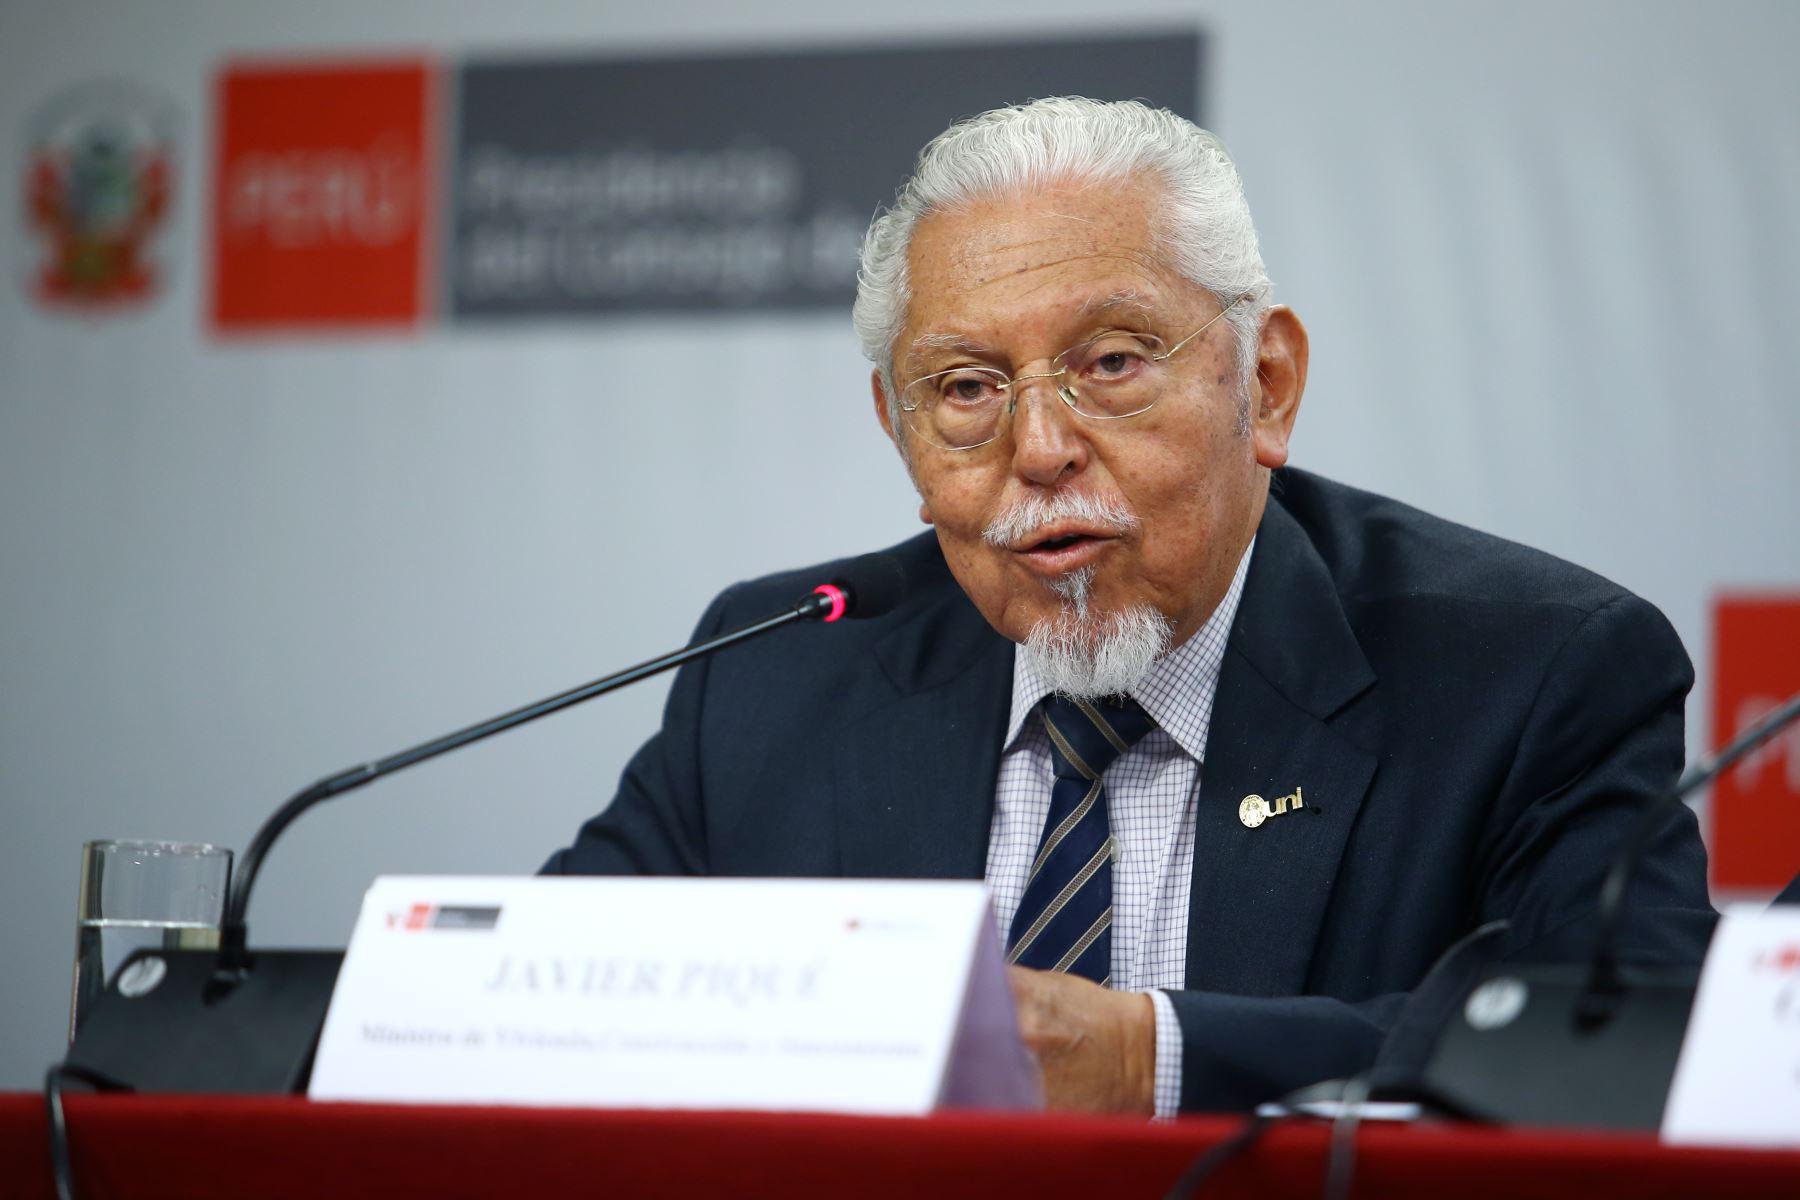 Ministro de Vivienda, Javier Piqué, en conferencia de prensa tras reunión del Consejo de Ministros. Foto: ANDINA/Melina Mejía.